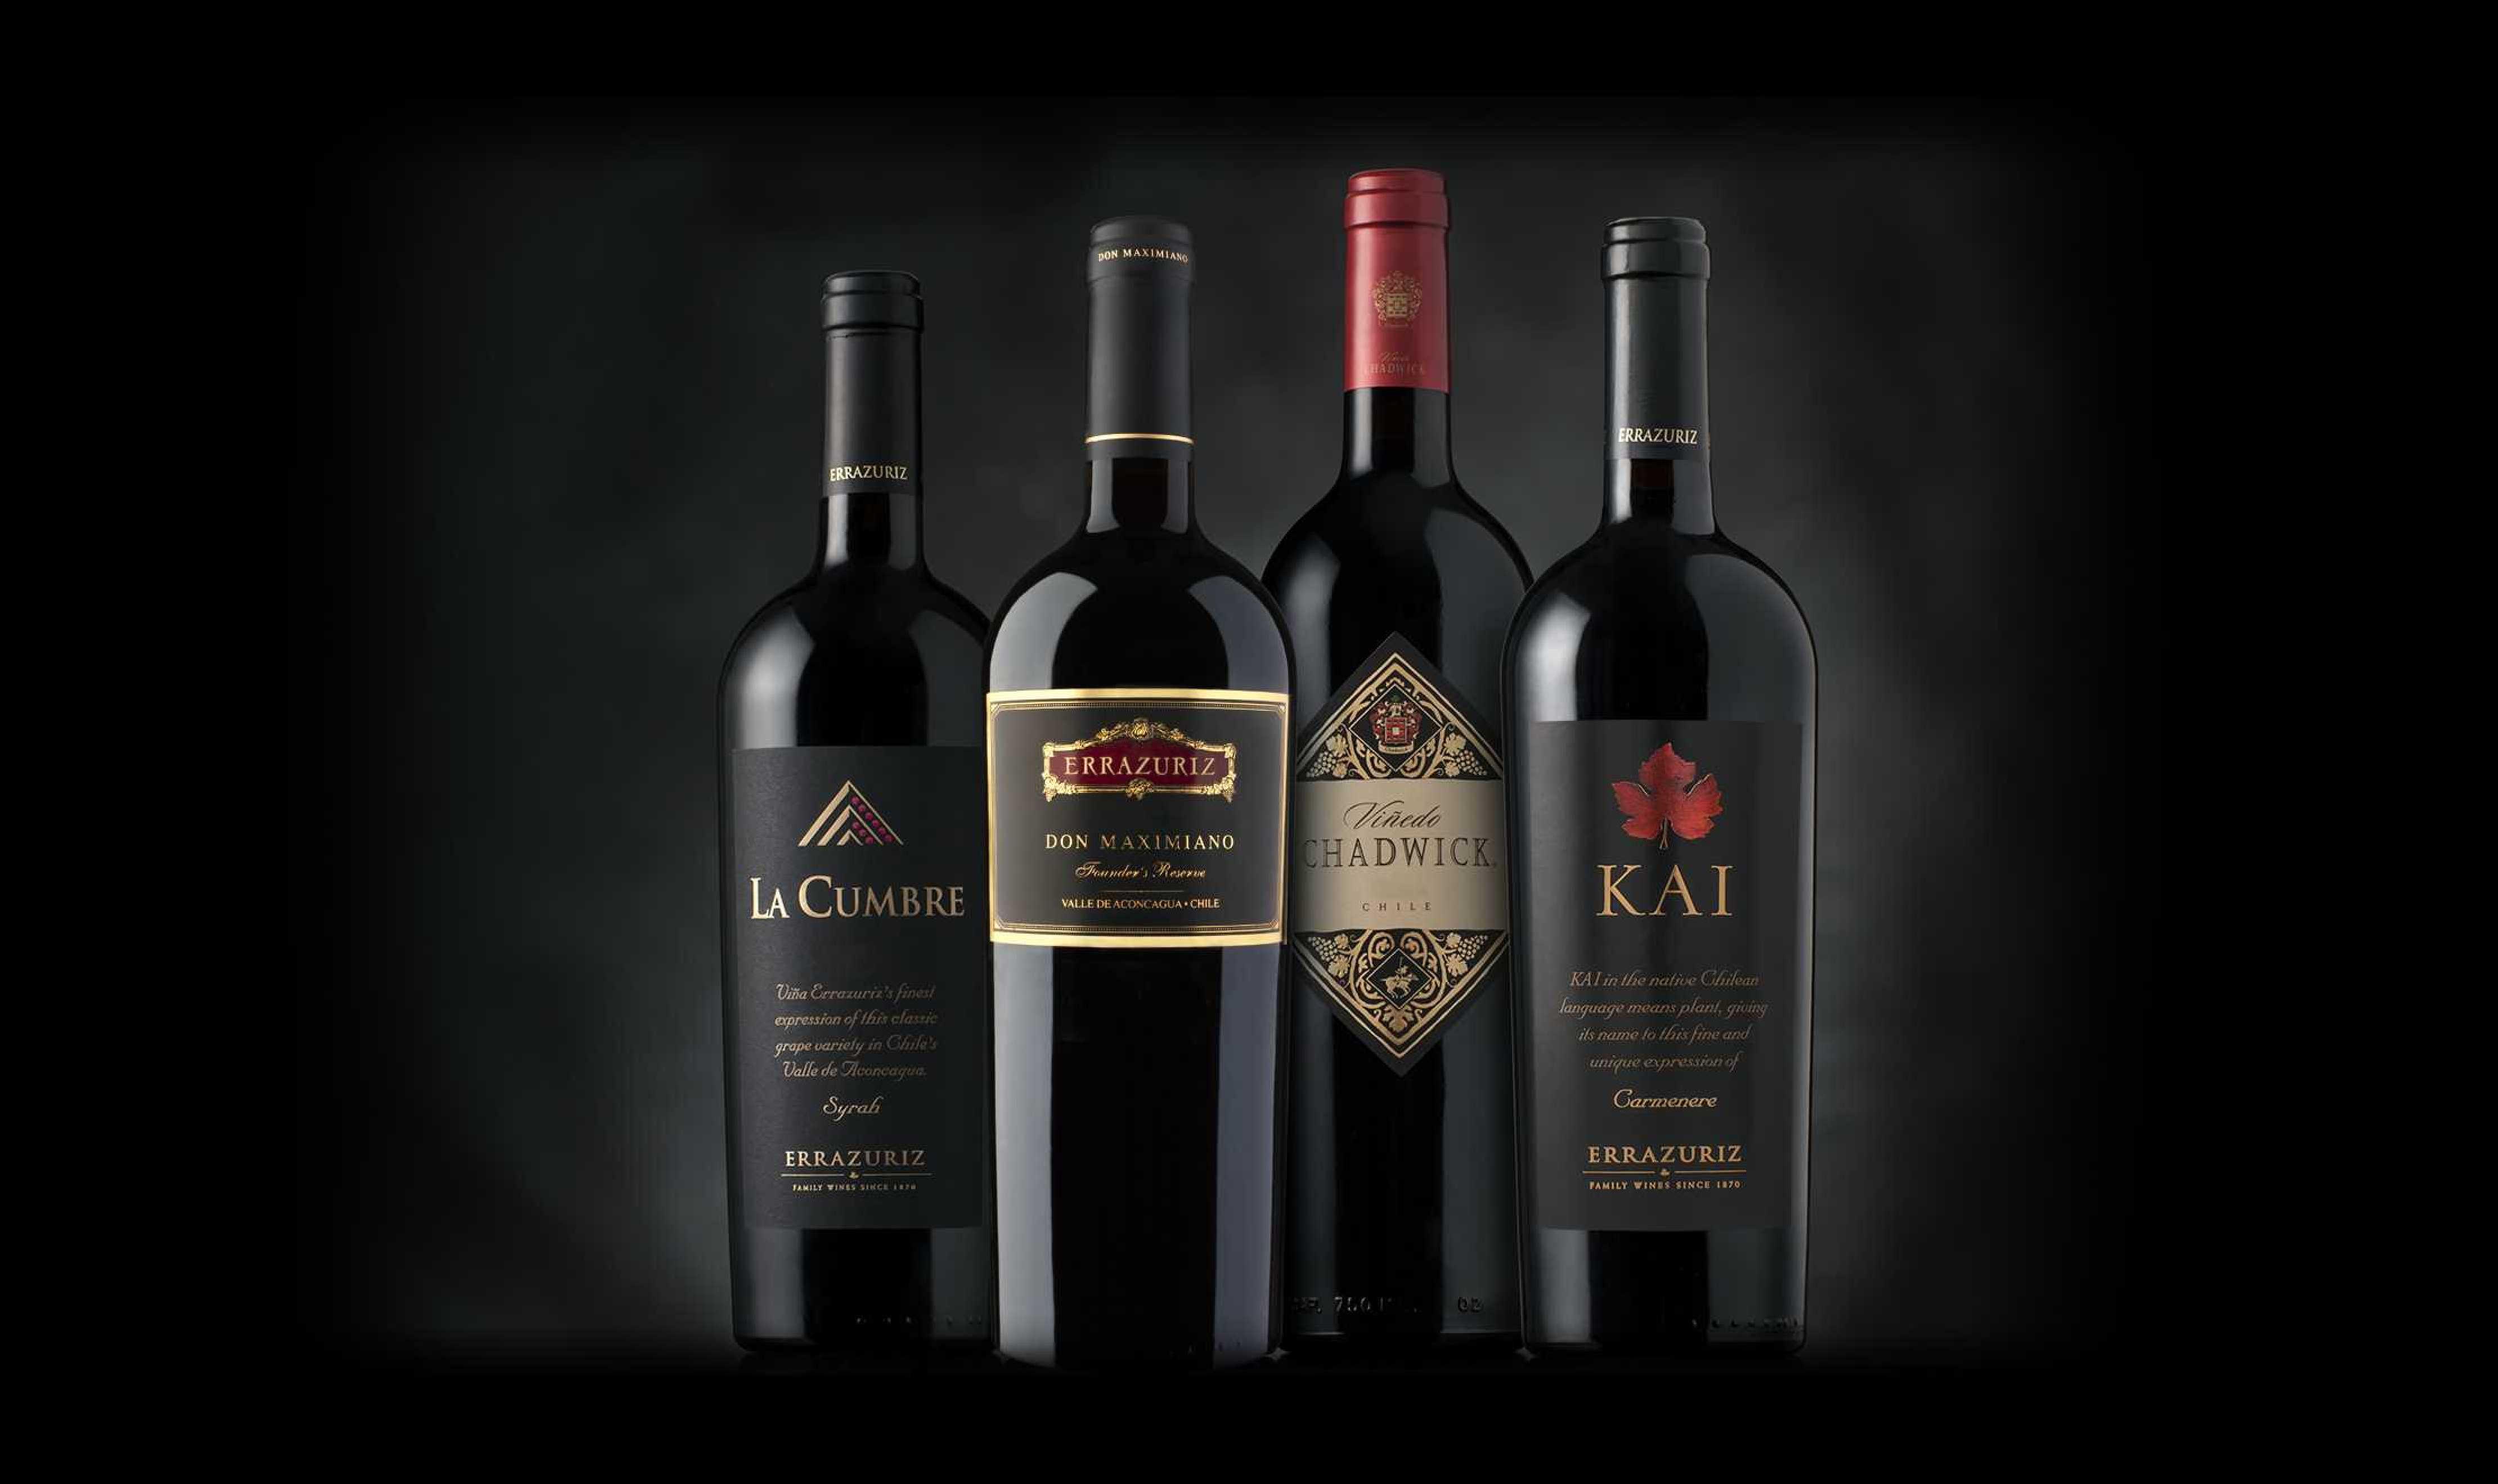 4 iconic wines